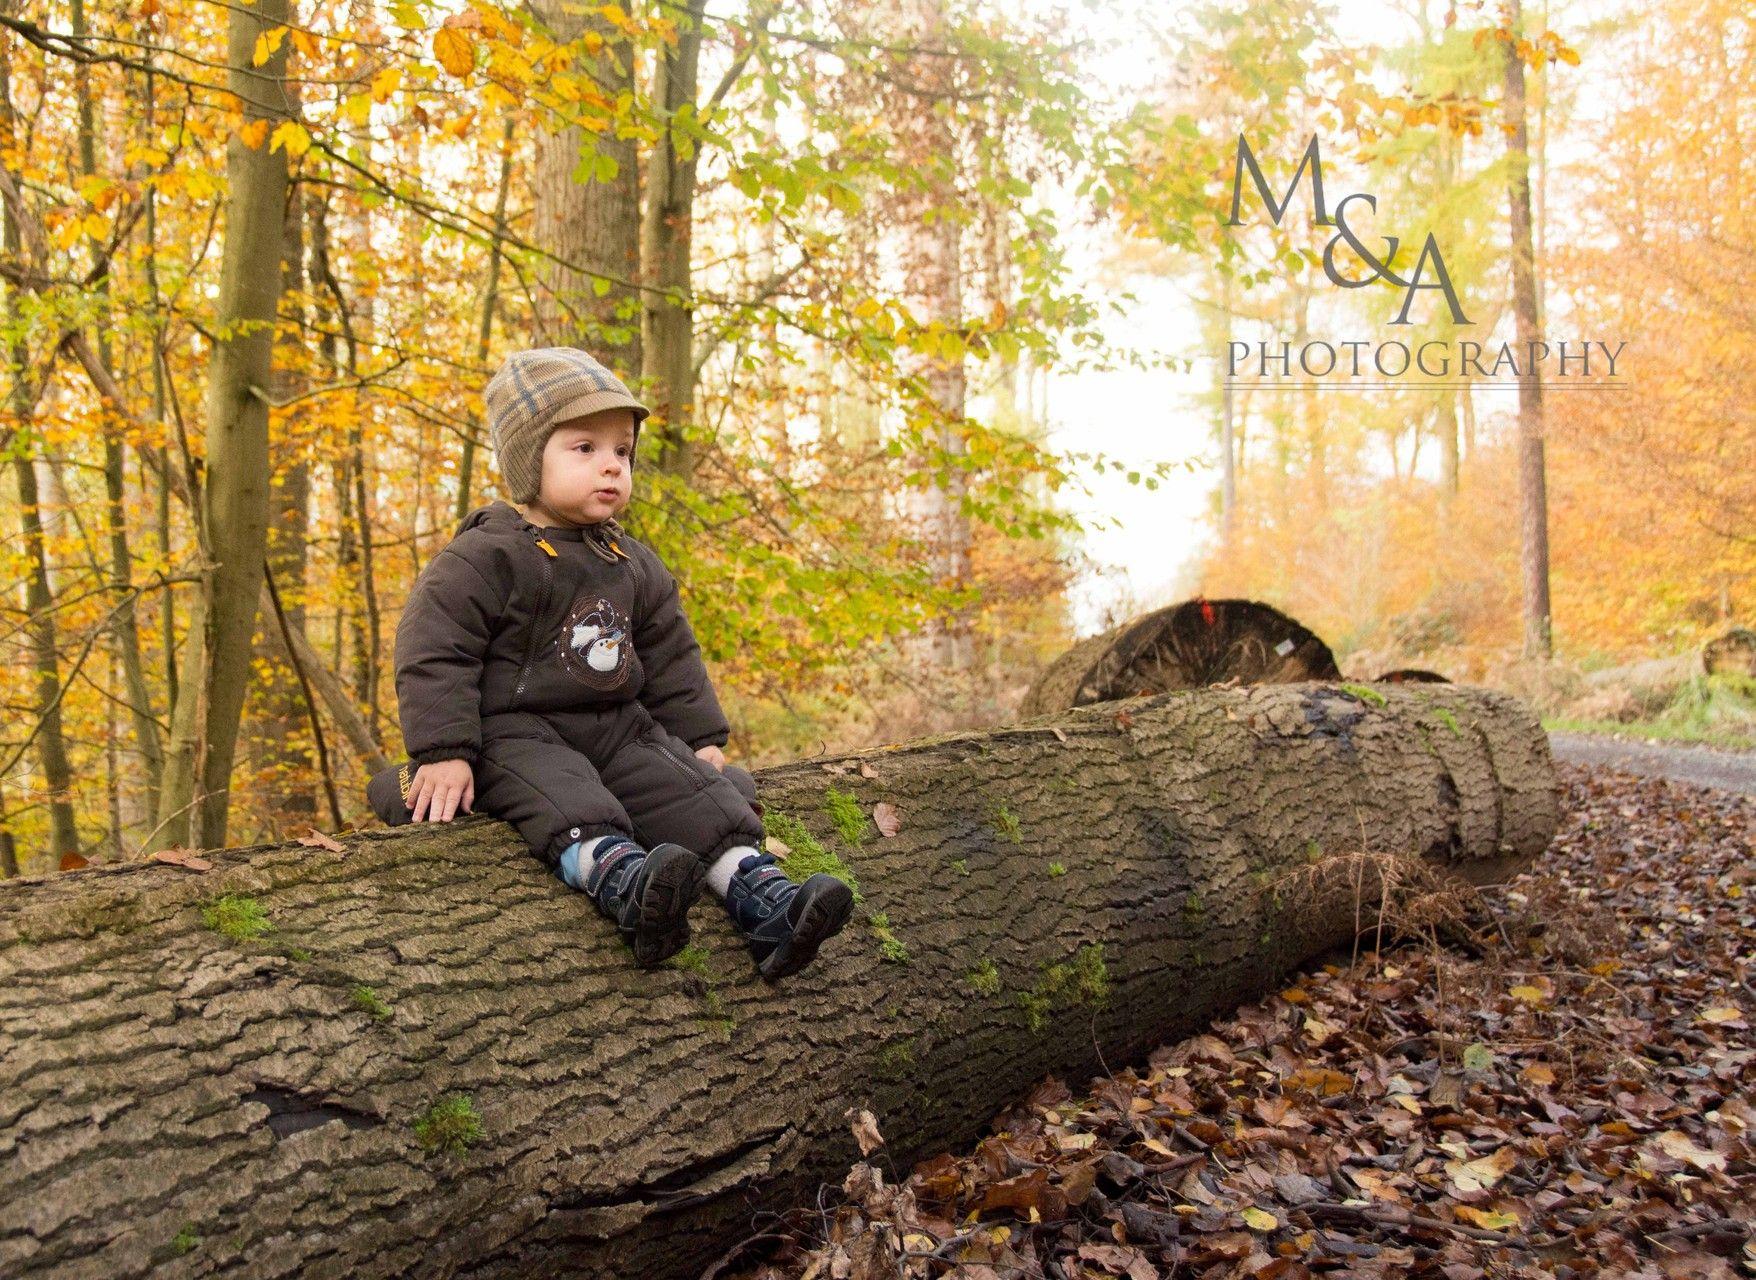 Fotos drauen Junge Fotografie Outdoor Herbst Kinderfotografie Kinderfotos